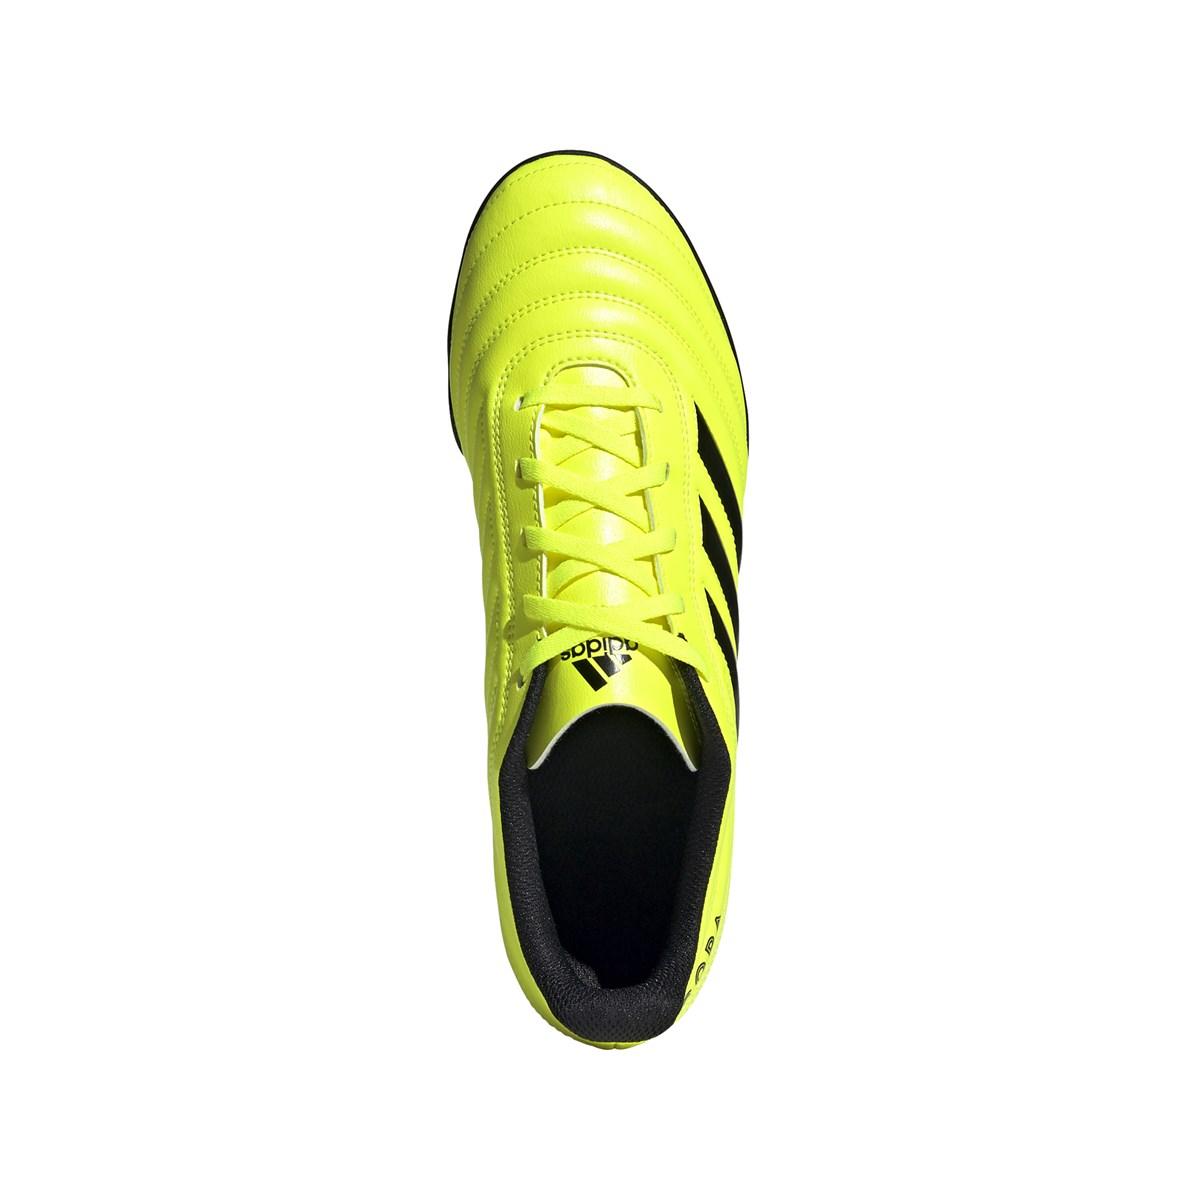 Copa 19.4 Tf Erkek Yeşil Halı Saha Ayakkabısı